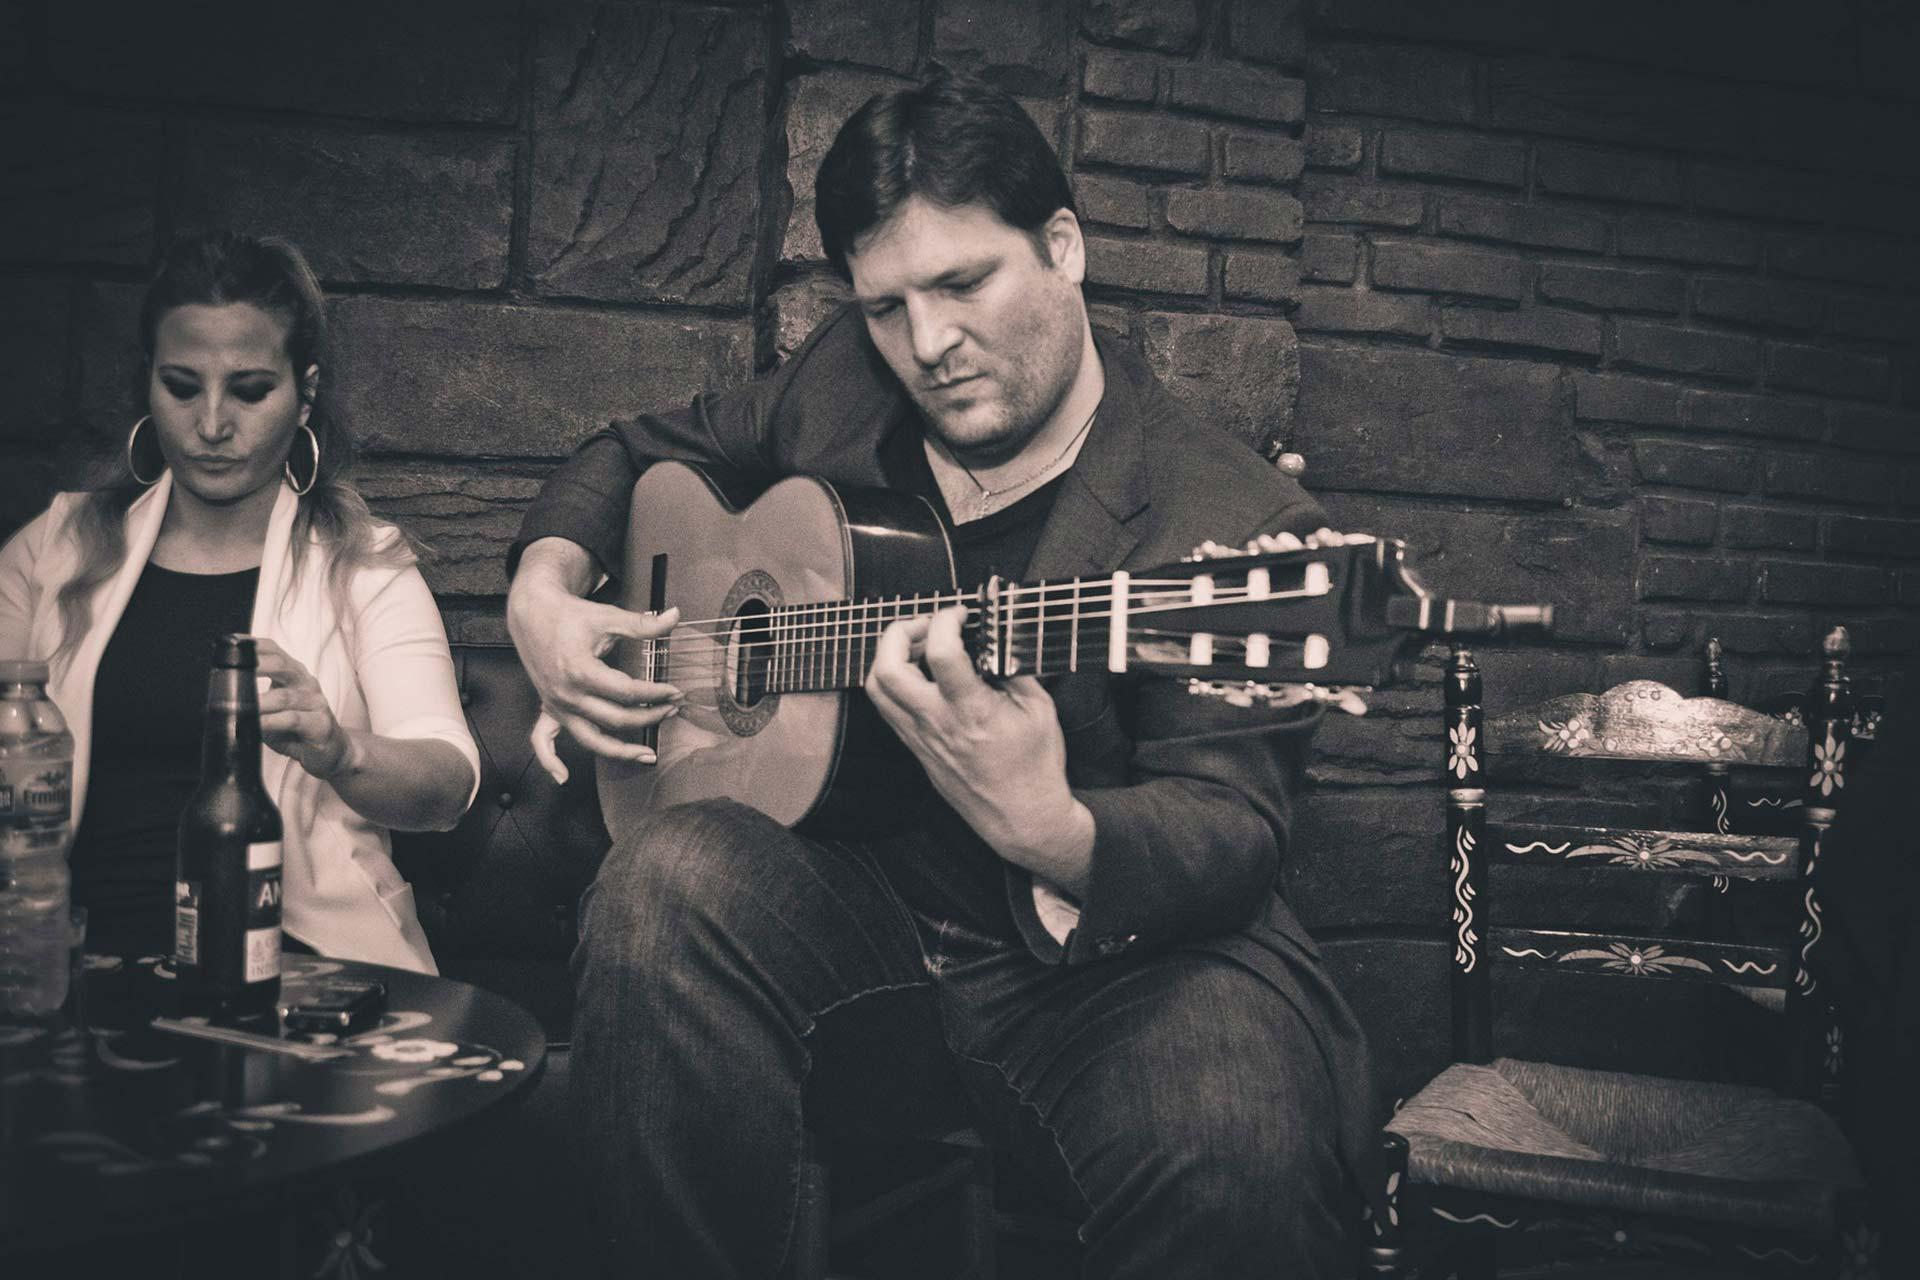 Tablao flamenco en el centro de Sevilla gratis